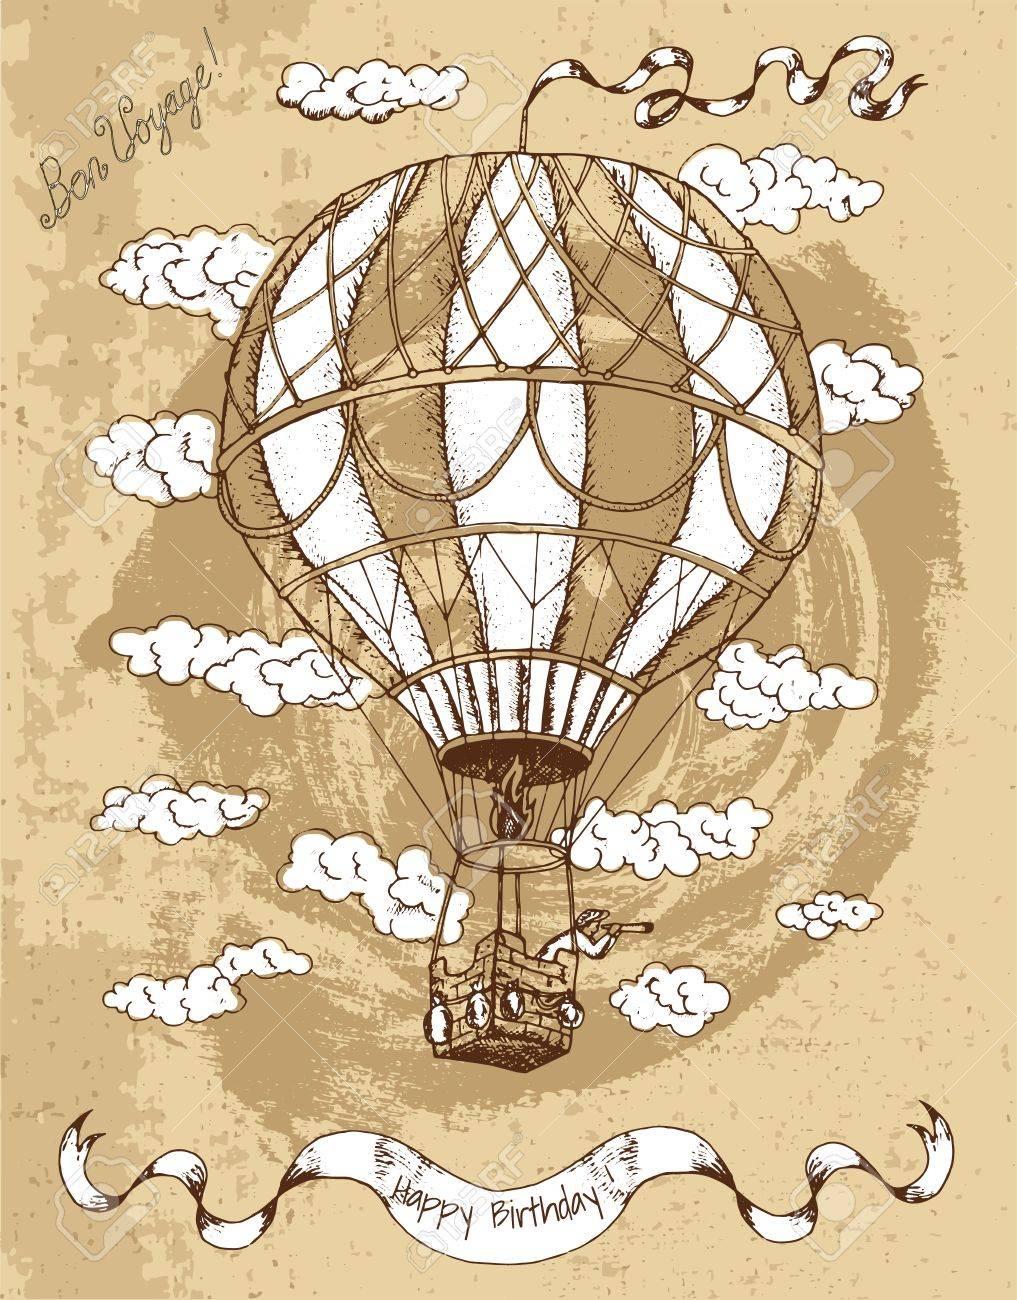 Carte Joyeux Anniversaire Vintage Avec Ballon à Air Chaud Bannière Texte Et Nuages Sur Fond Brun Texturé Art Ligne Doodle Illustration Avec